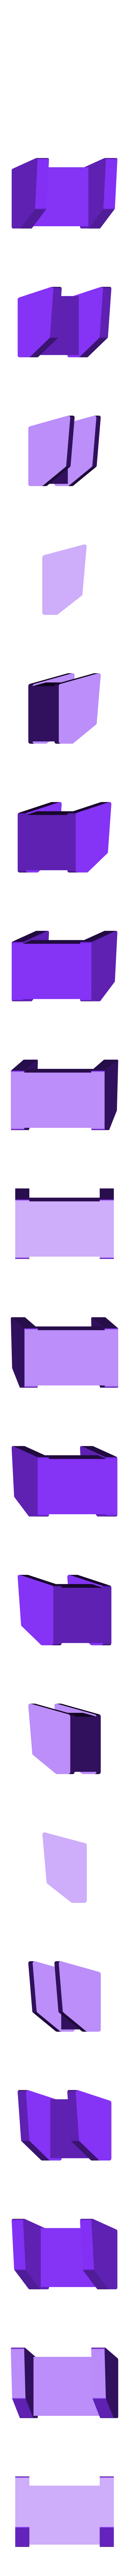 CaptainKirkChair_Base2.stl Télécharger fichier STL gratuit Capitaine Kirk Président • Design pour impression 3D, gabutoillegna56